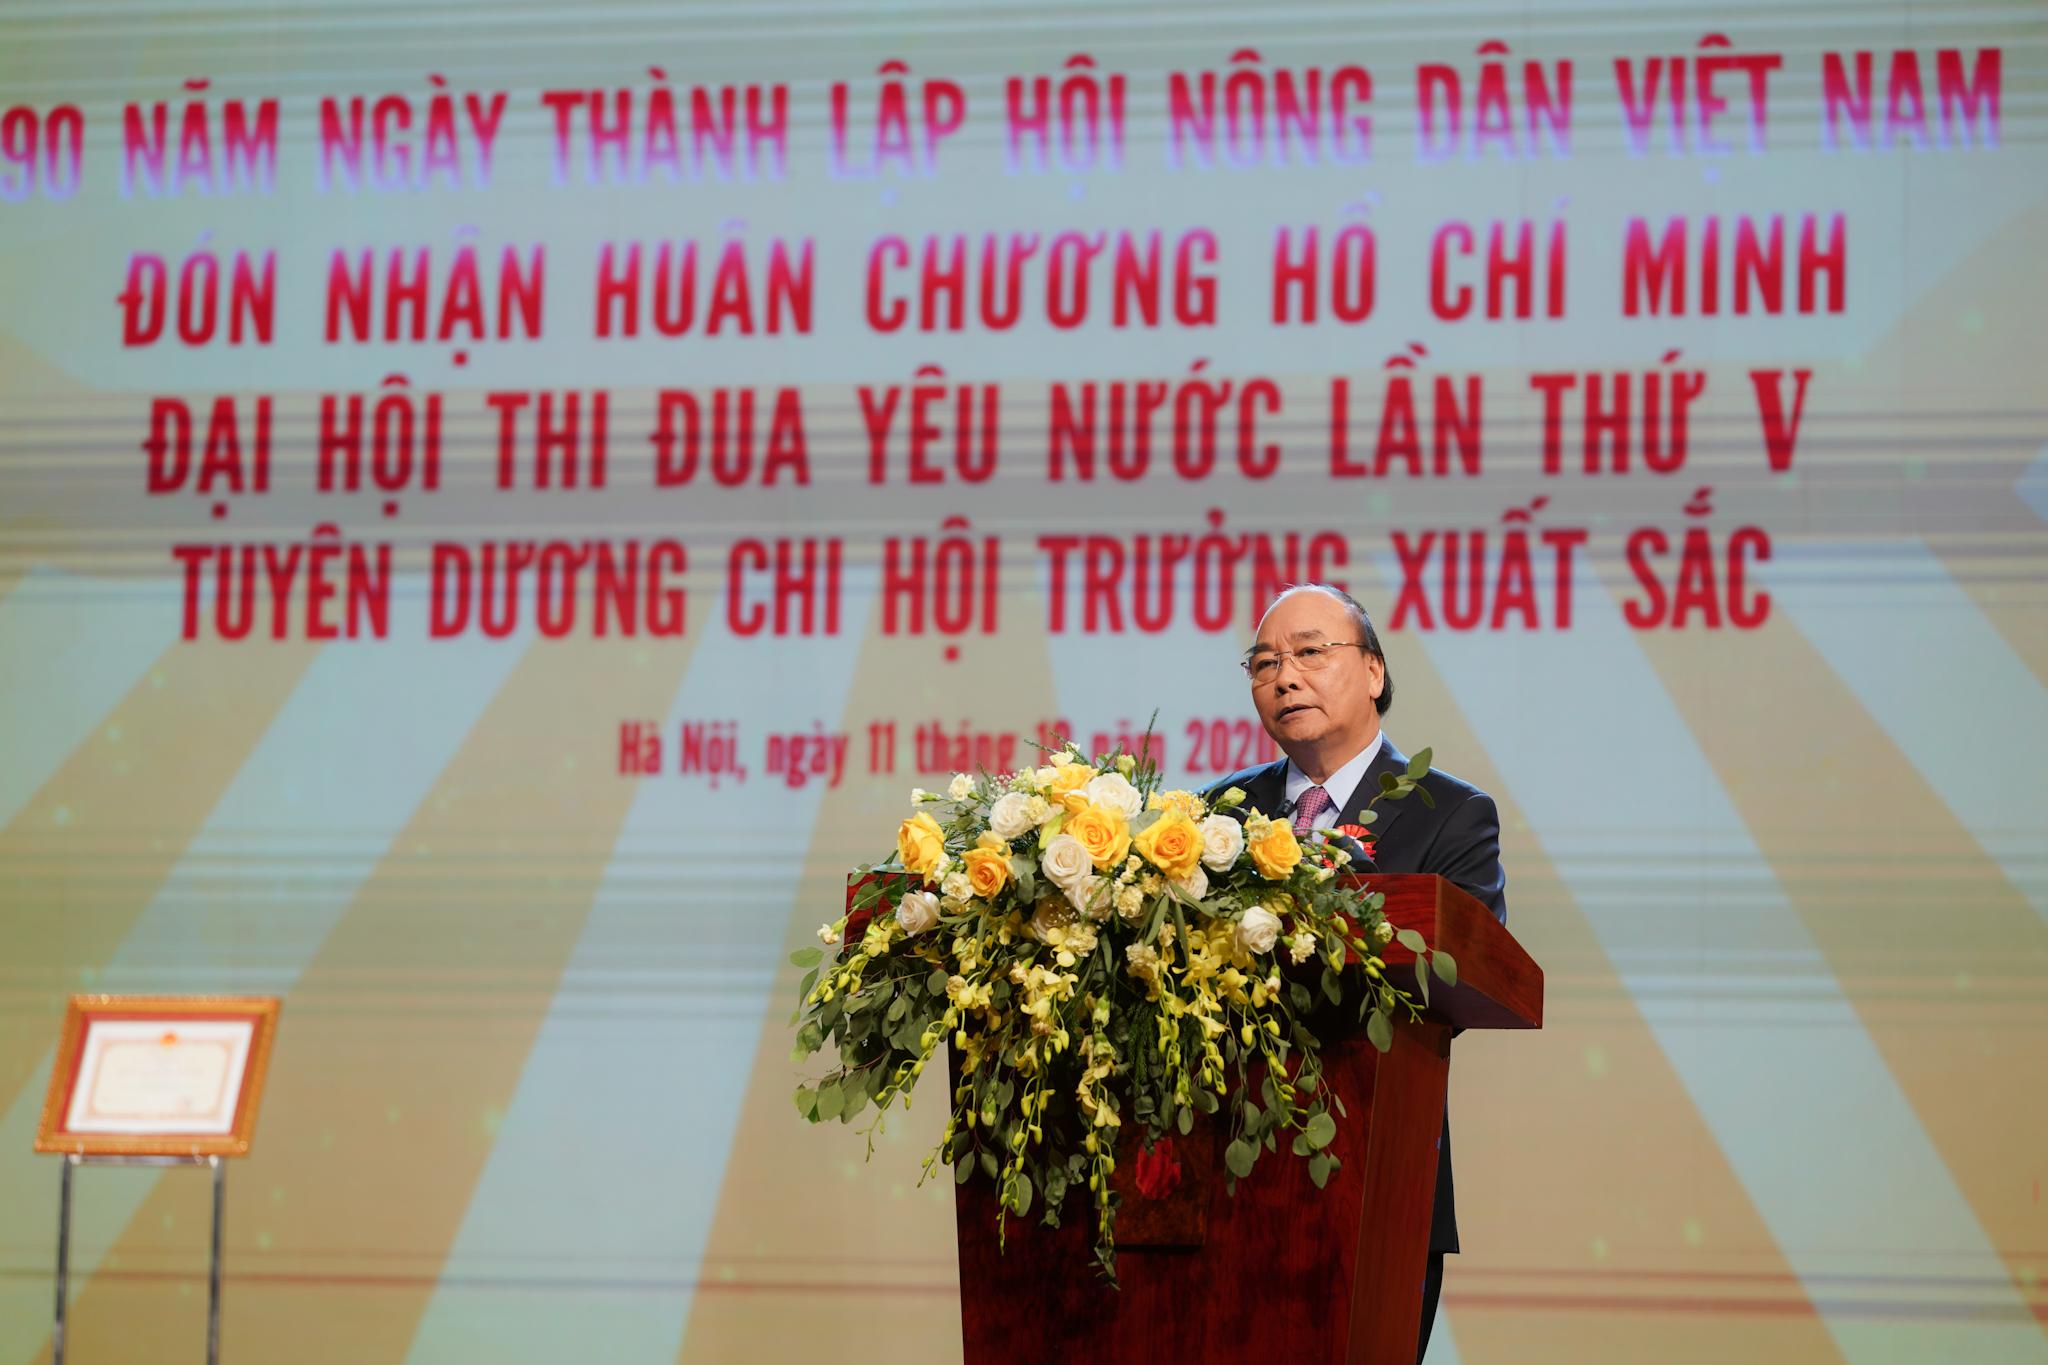 Thủ tướng Nguyễn Xuân Phúc phát biểu tại lễ kỷ niệm 90 năm thành lập Hội Nông dân Việt Nam. Ảnh: VGP/Quang Hiếu